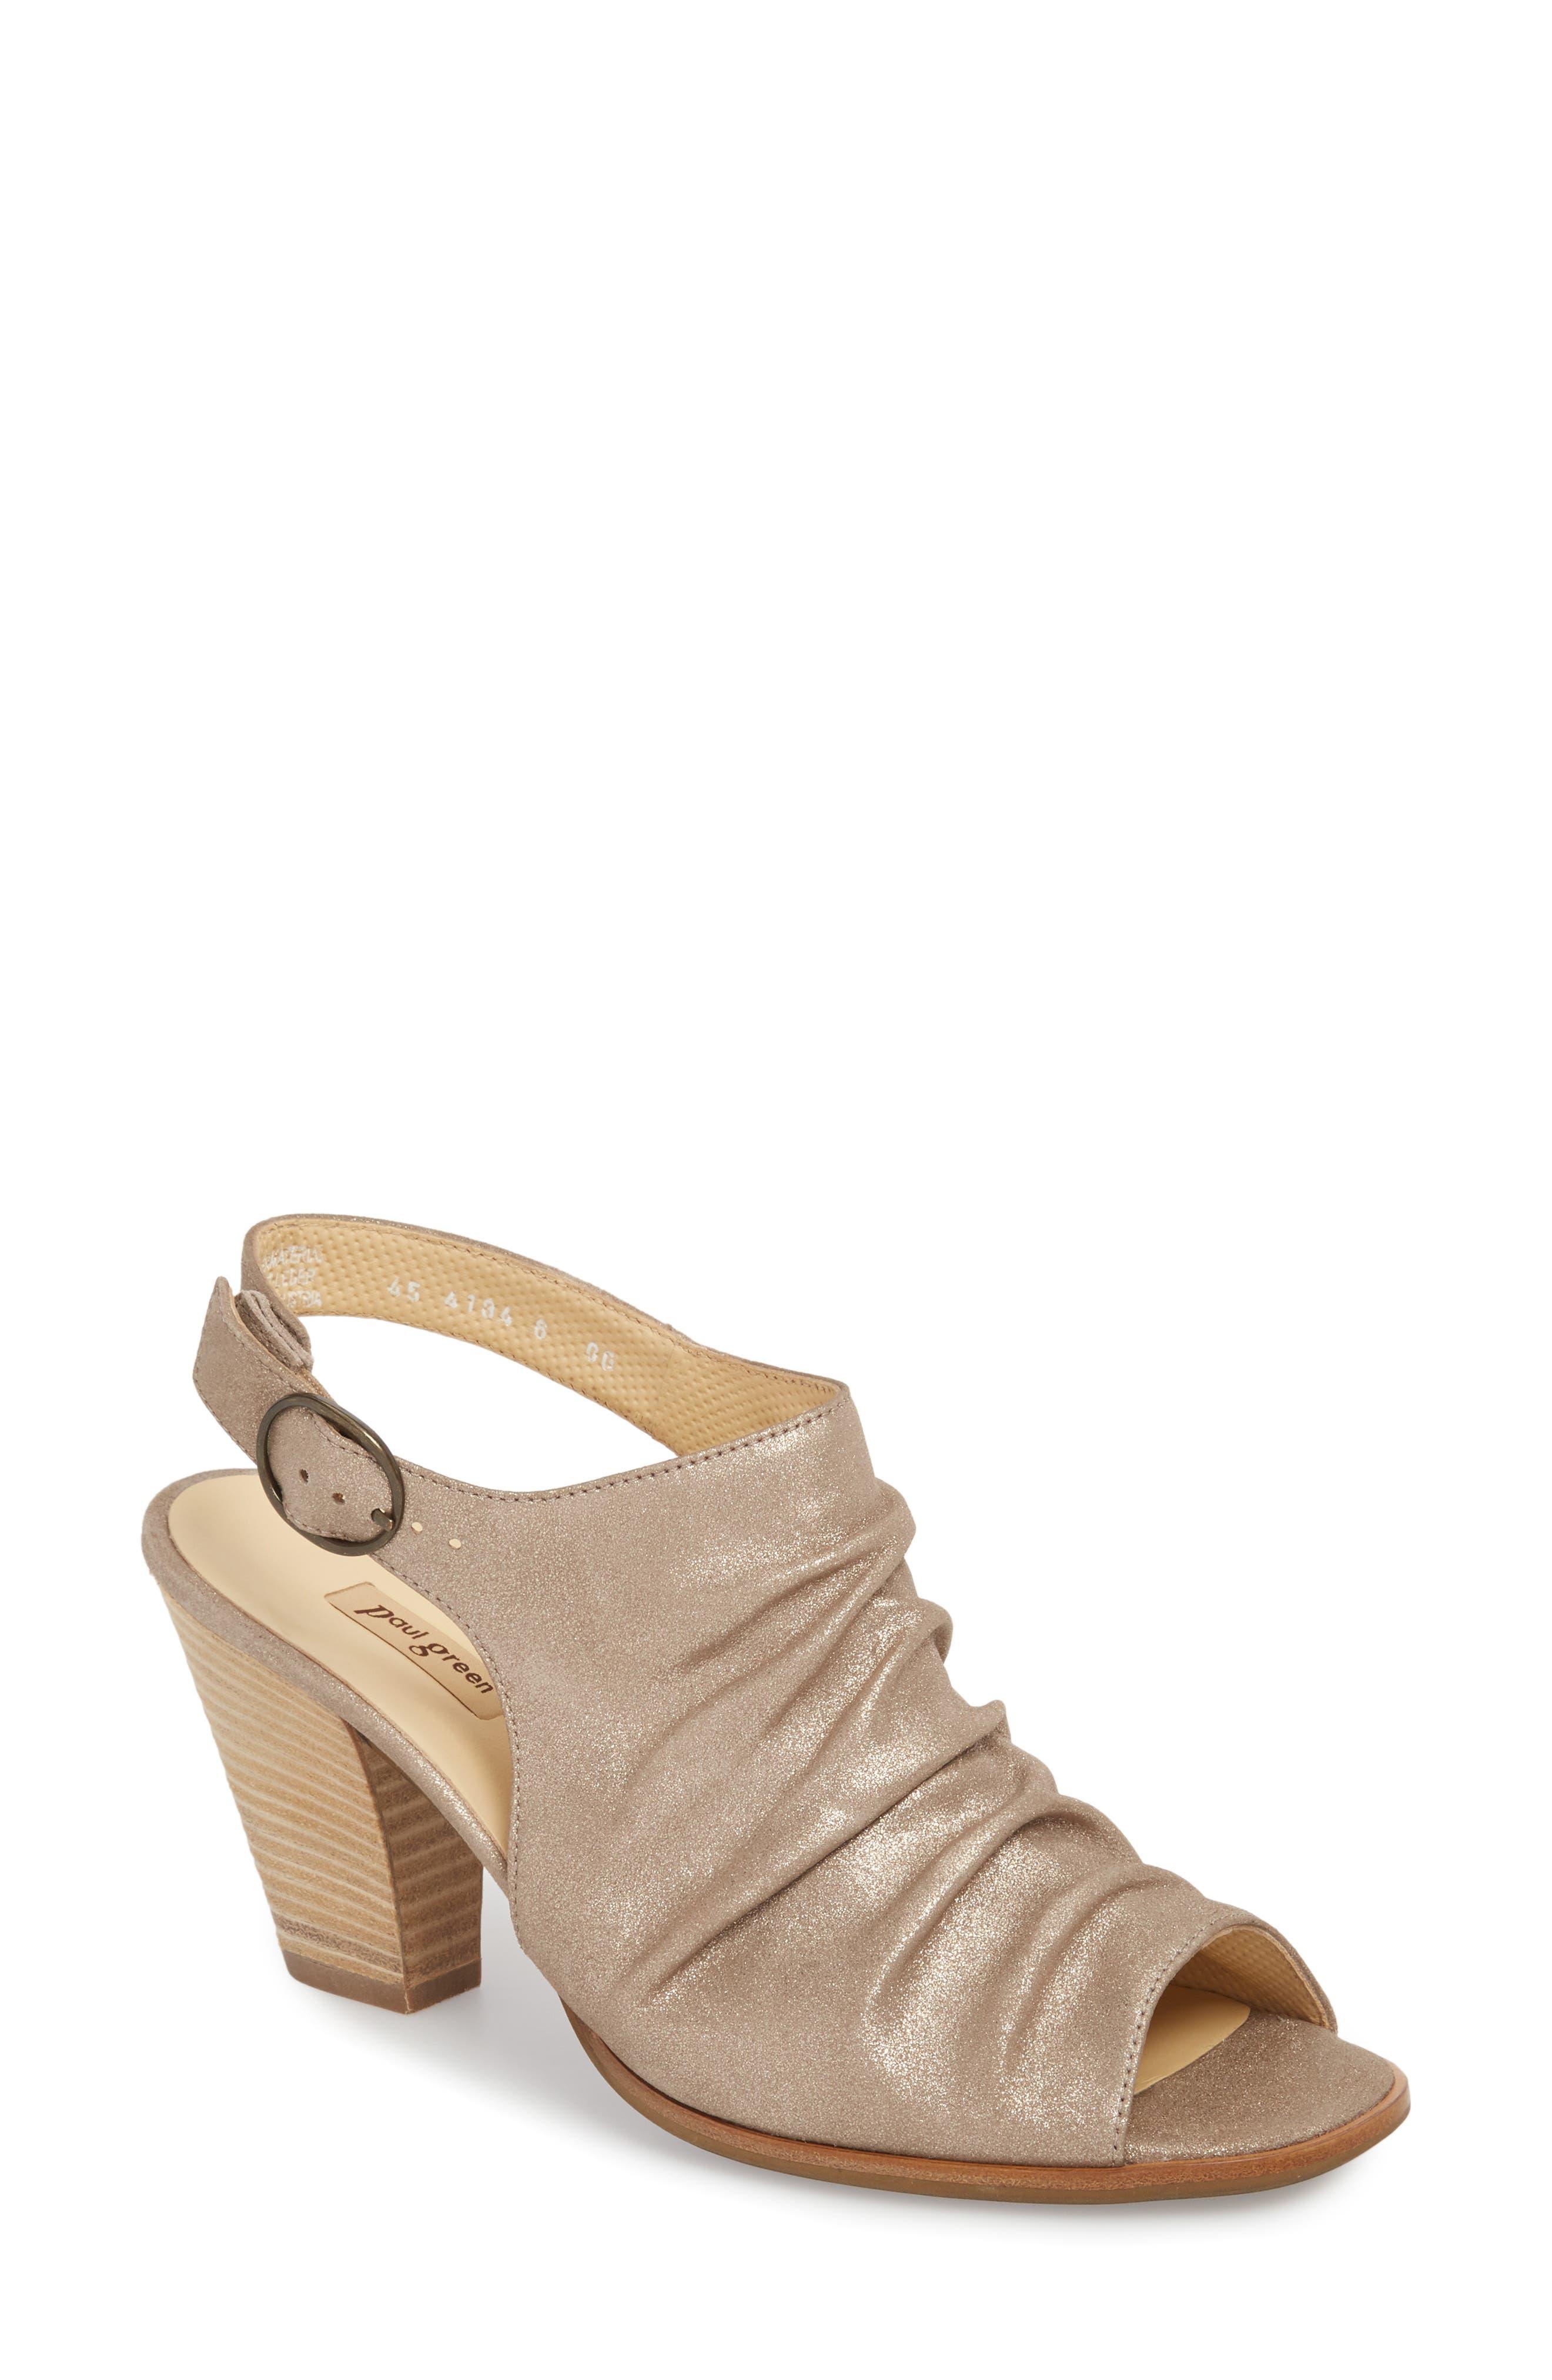 Paul Green Women's Roma Sandal